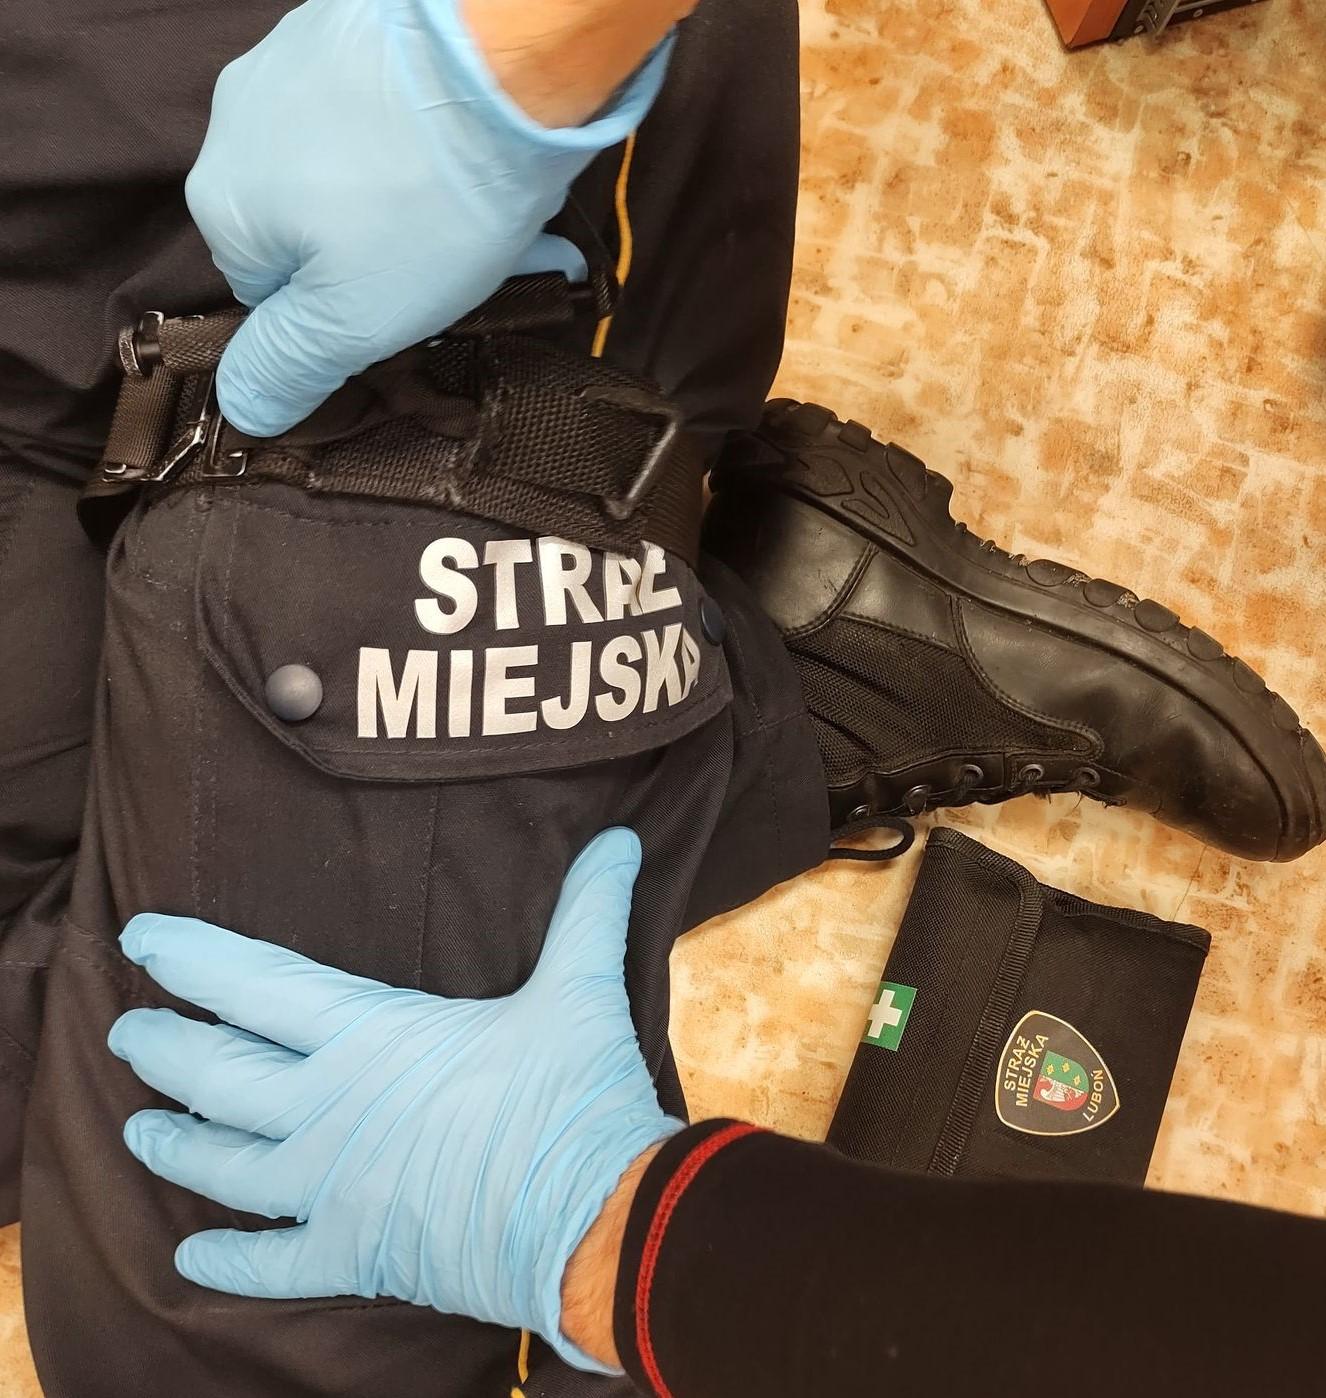 Zdjęcie przedstawia strażników miejskich podczas używania opaski uciskowej - stazy taktycznej